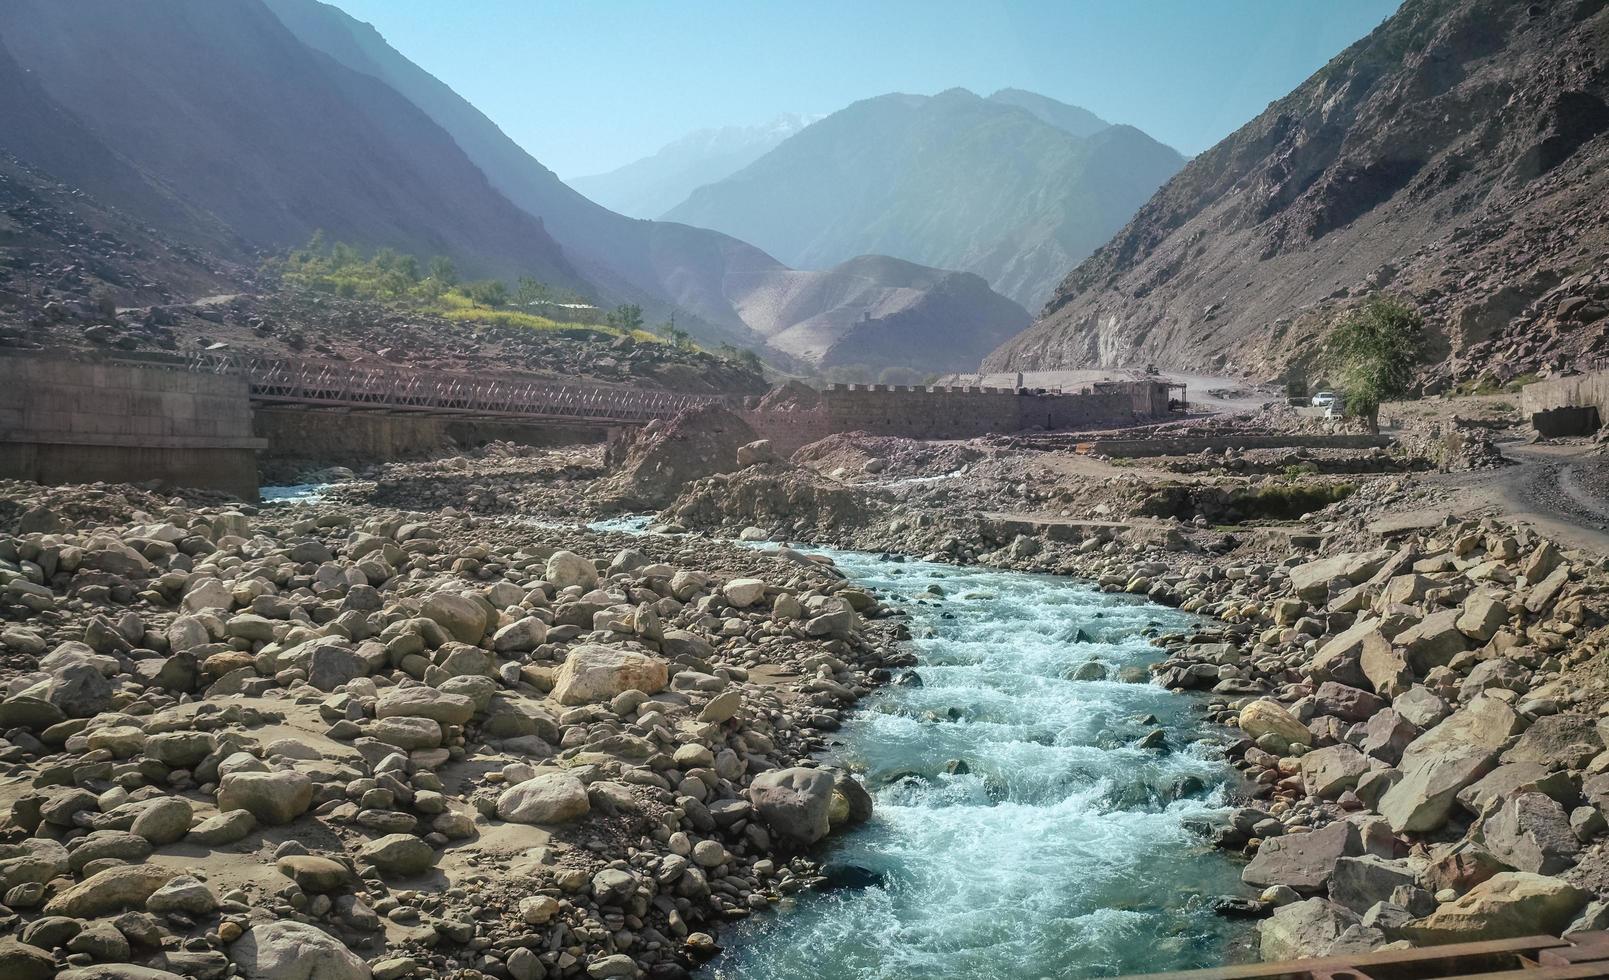 fließender Fluss entlang des Karakoram-Gebirges im Sommer foto